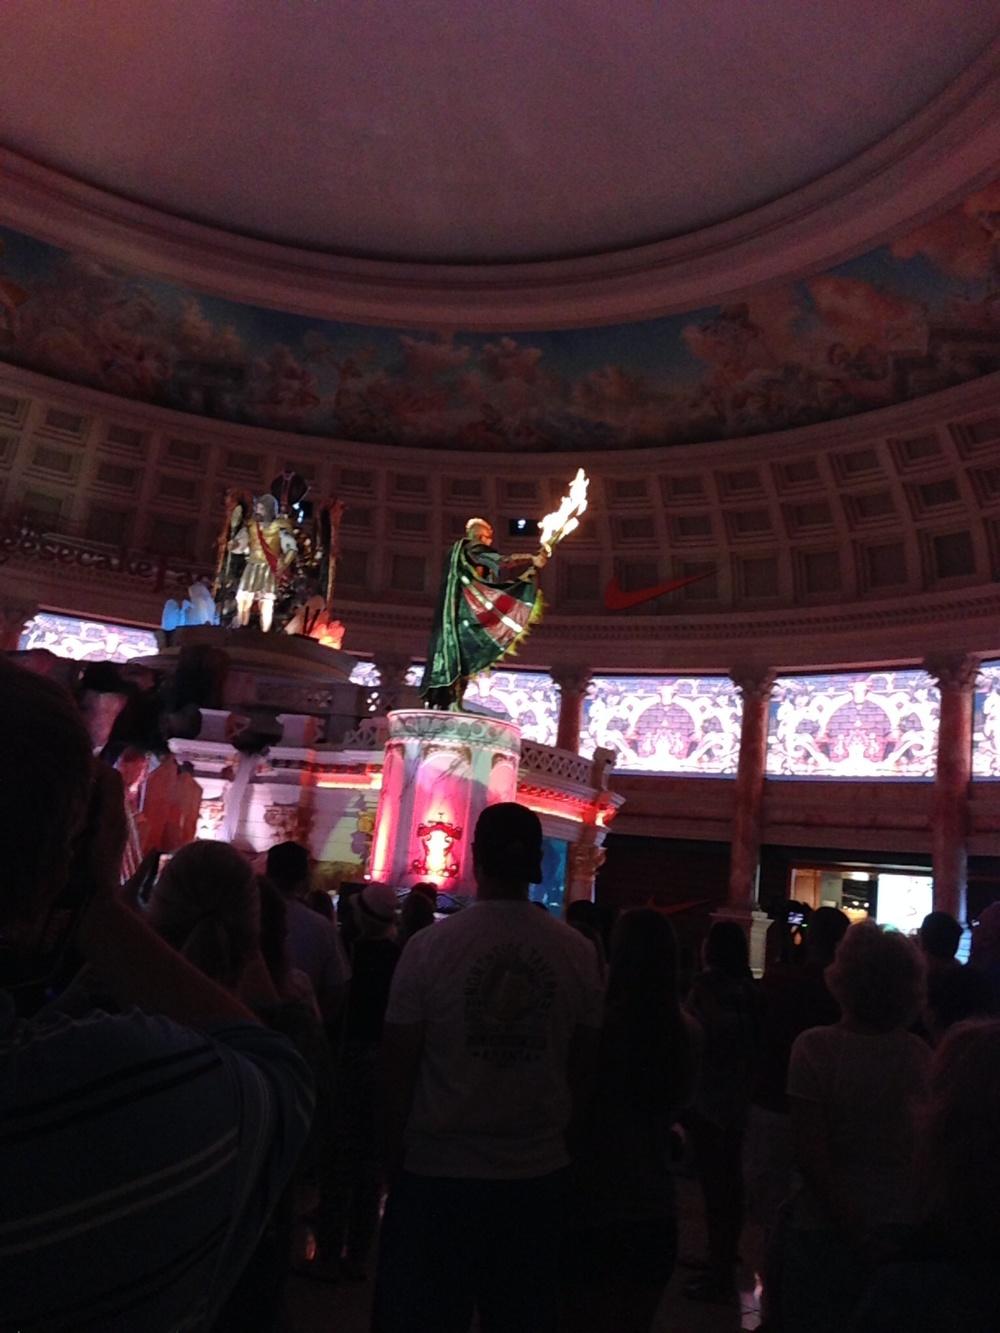 Statue Show at Caesar's